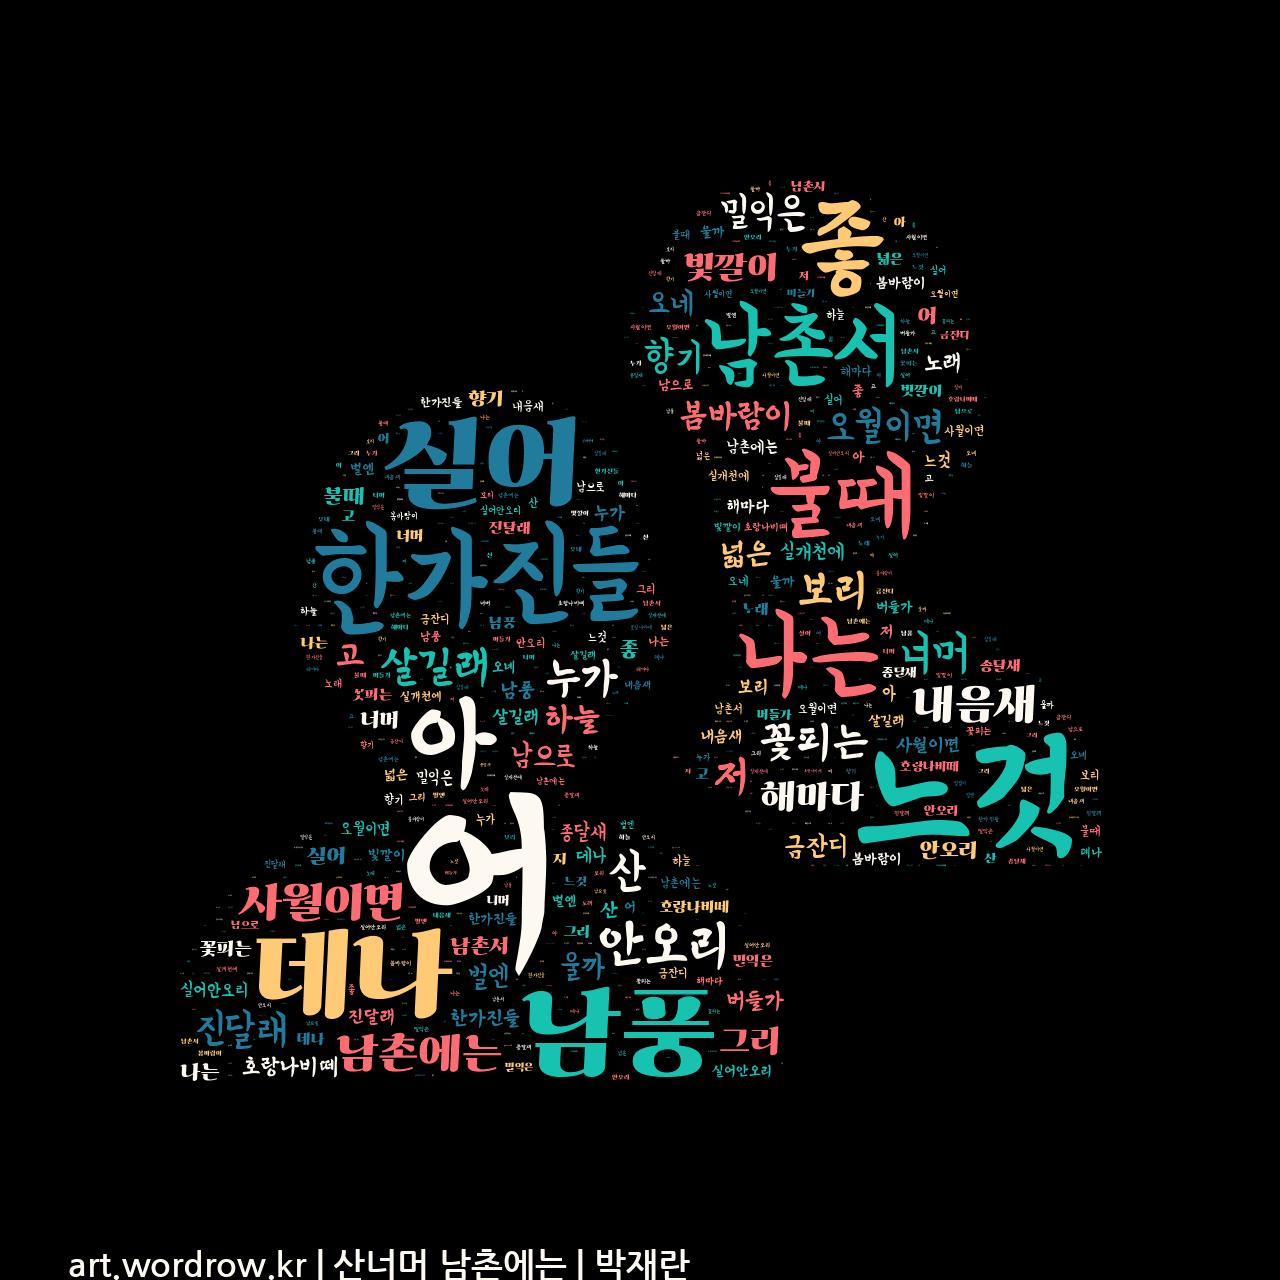 워드 클라우드: 산너머 남촌에는 [박재란]-14